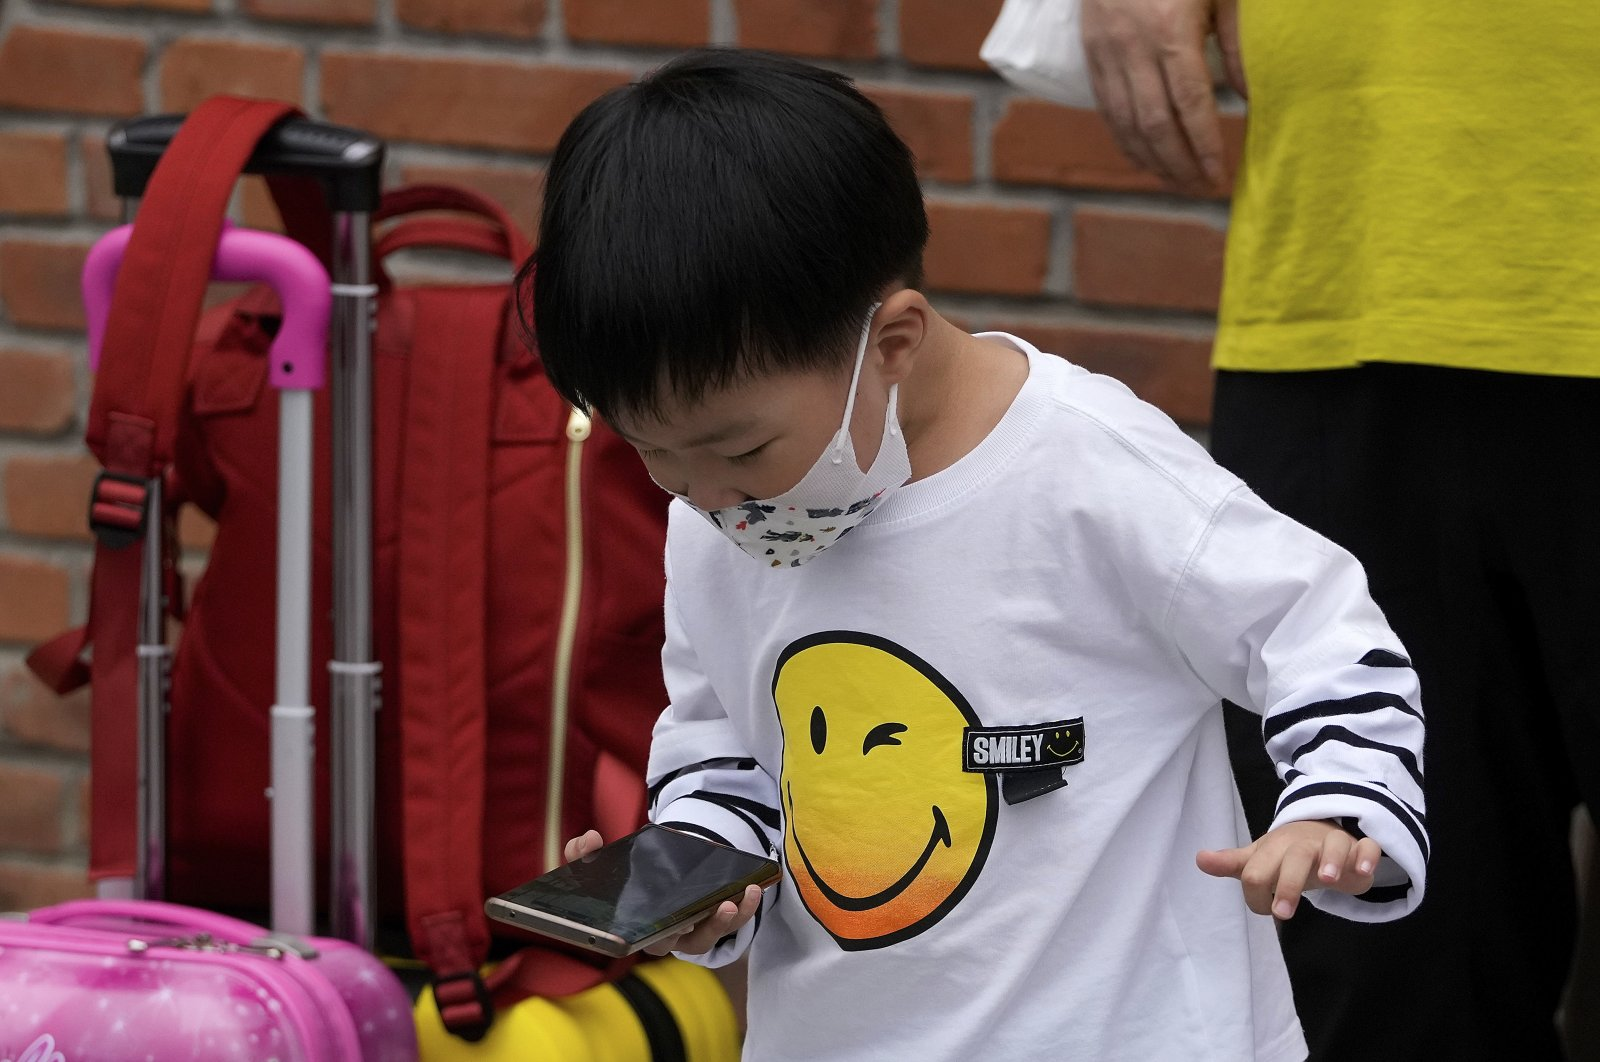 Một đứa trẻ chơi game bên cạnh người thân trên một con phố ở Bắc Kinh, ngày 12/9/2021. Ảnh: AP